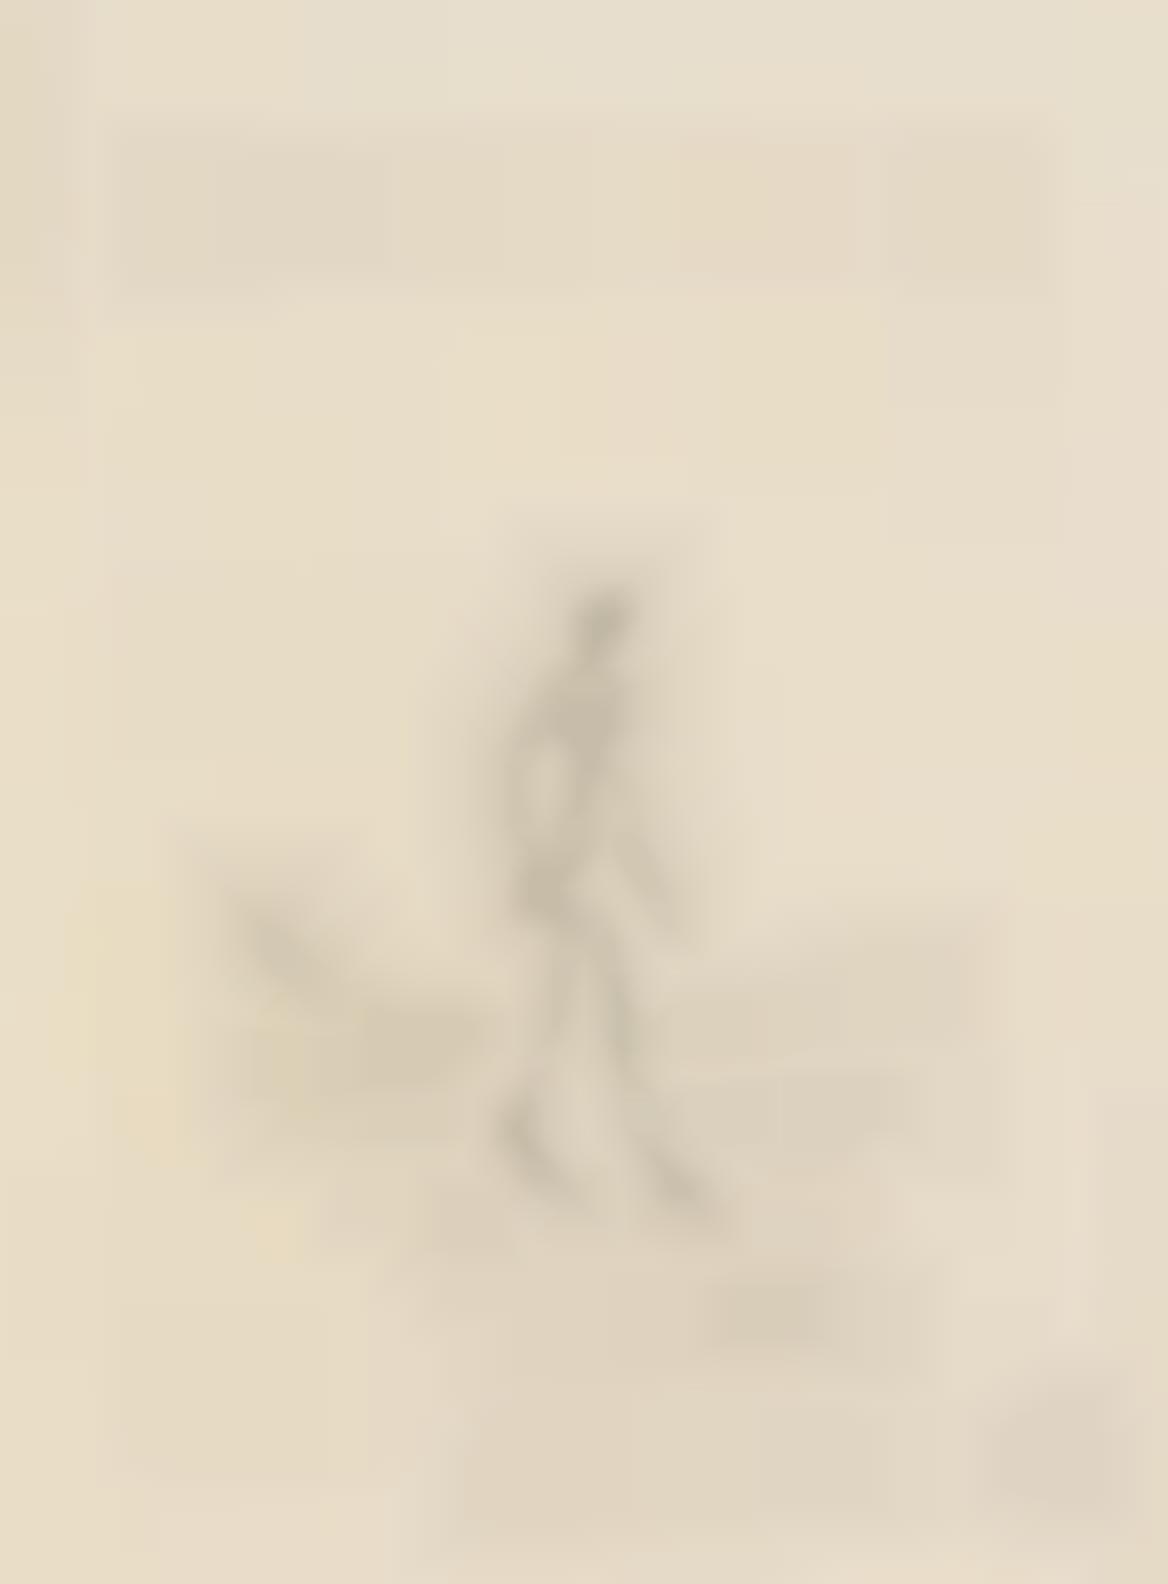 Alberto Giacometti-Figure Walking To The Right-1960